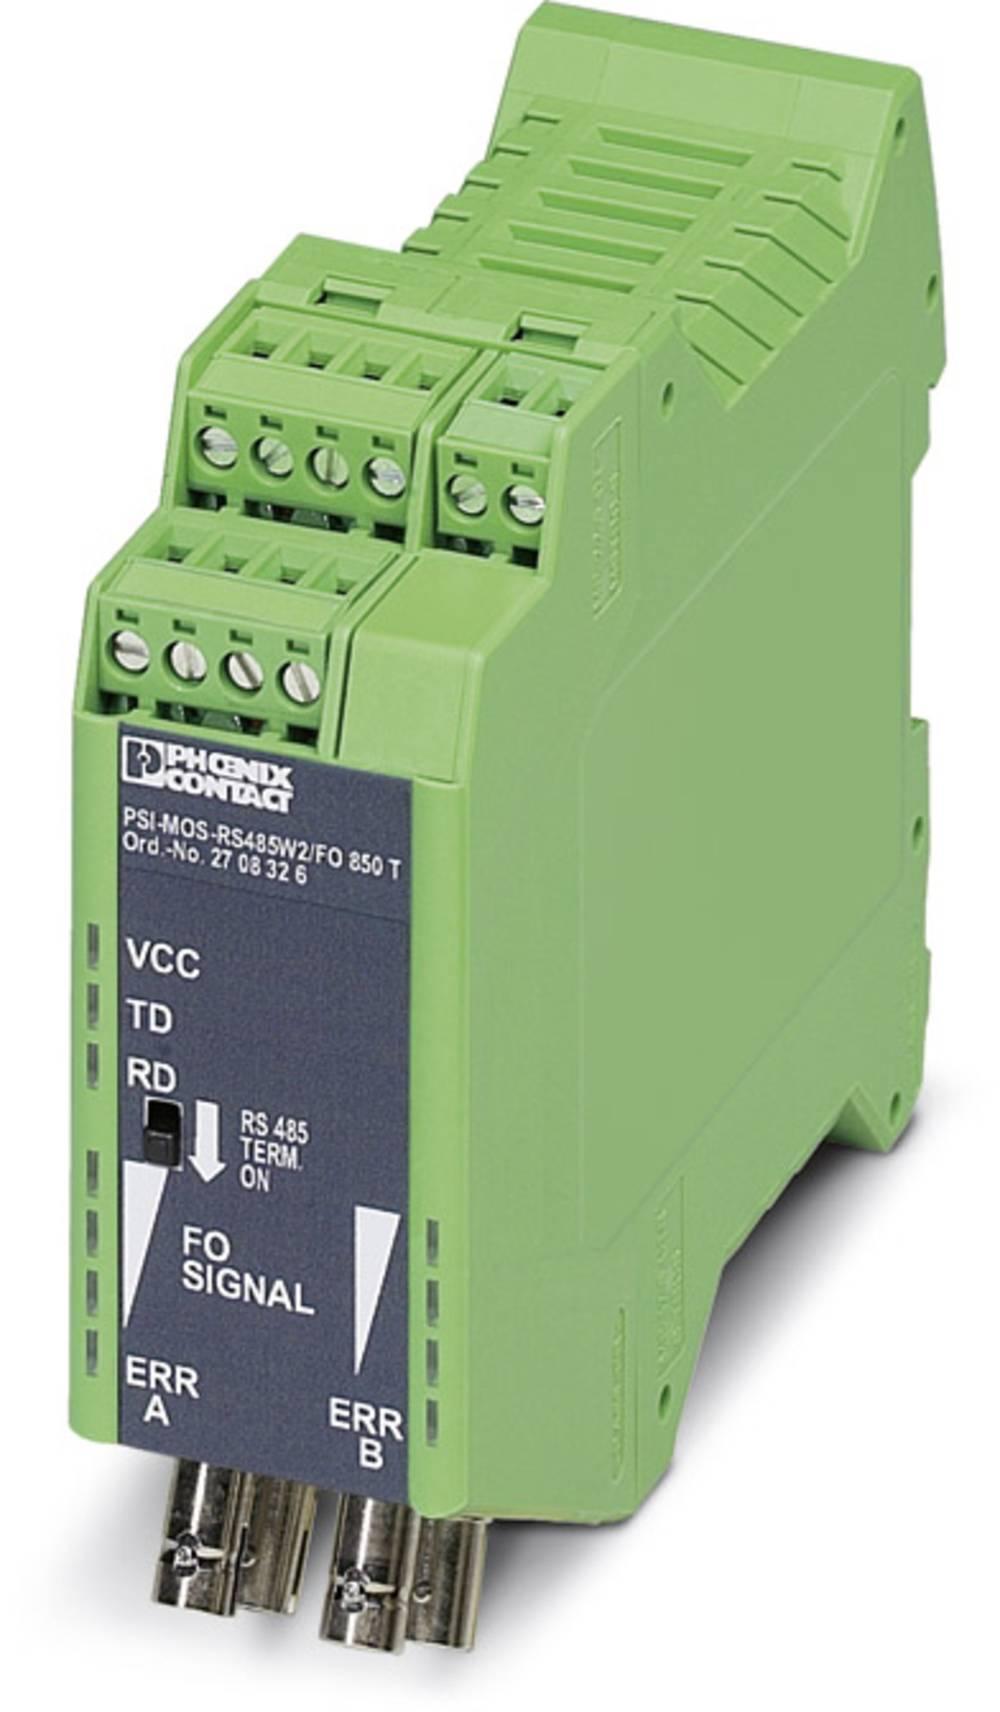 Optički pretvarač Phoenix Contact PSI-MOS-RS485W2/FO 850 T optički pretvarač